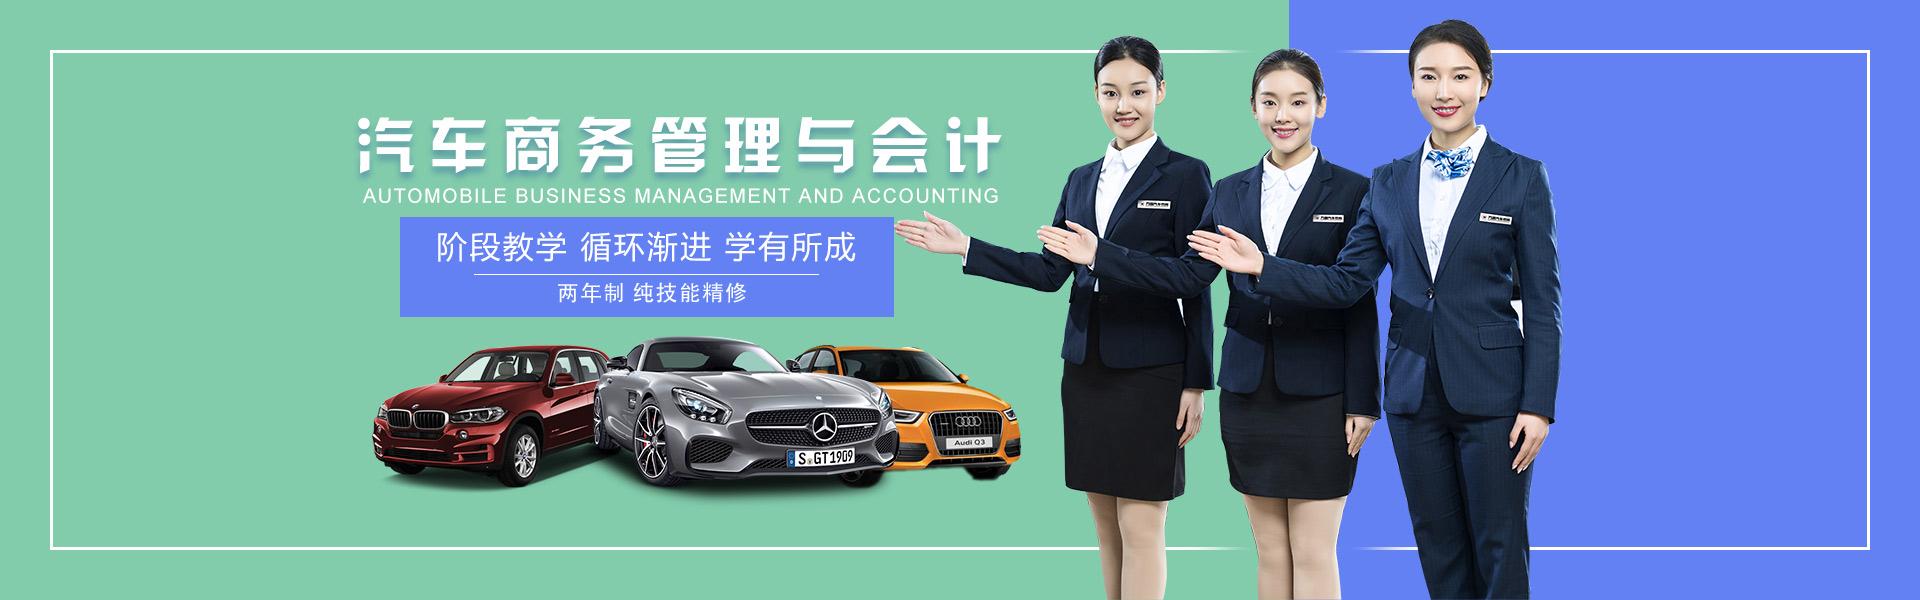 汽修专业_汽车商务管理与会计